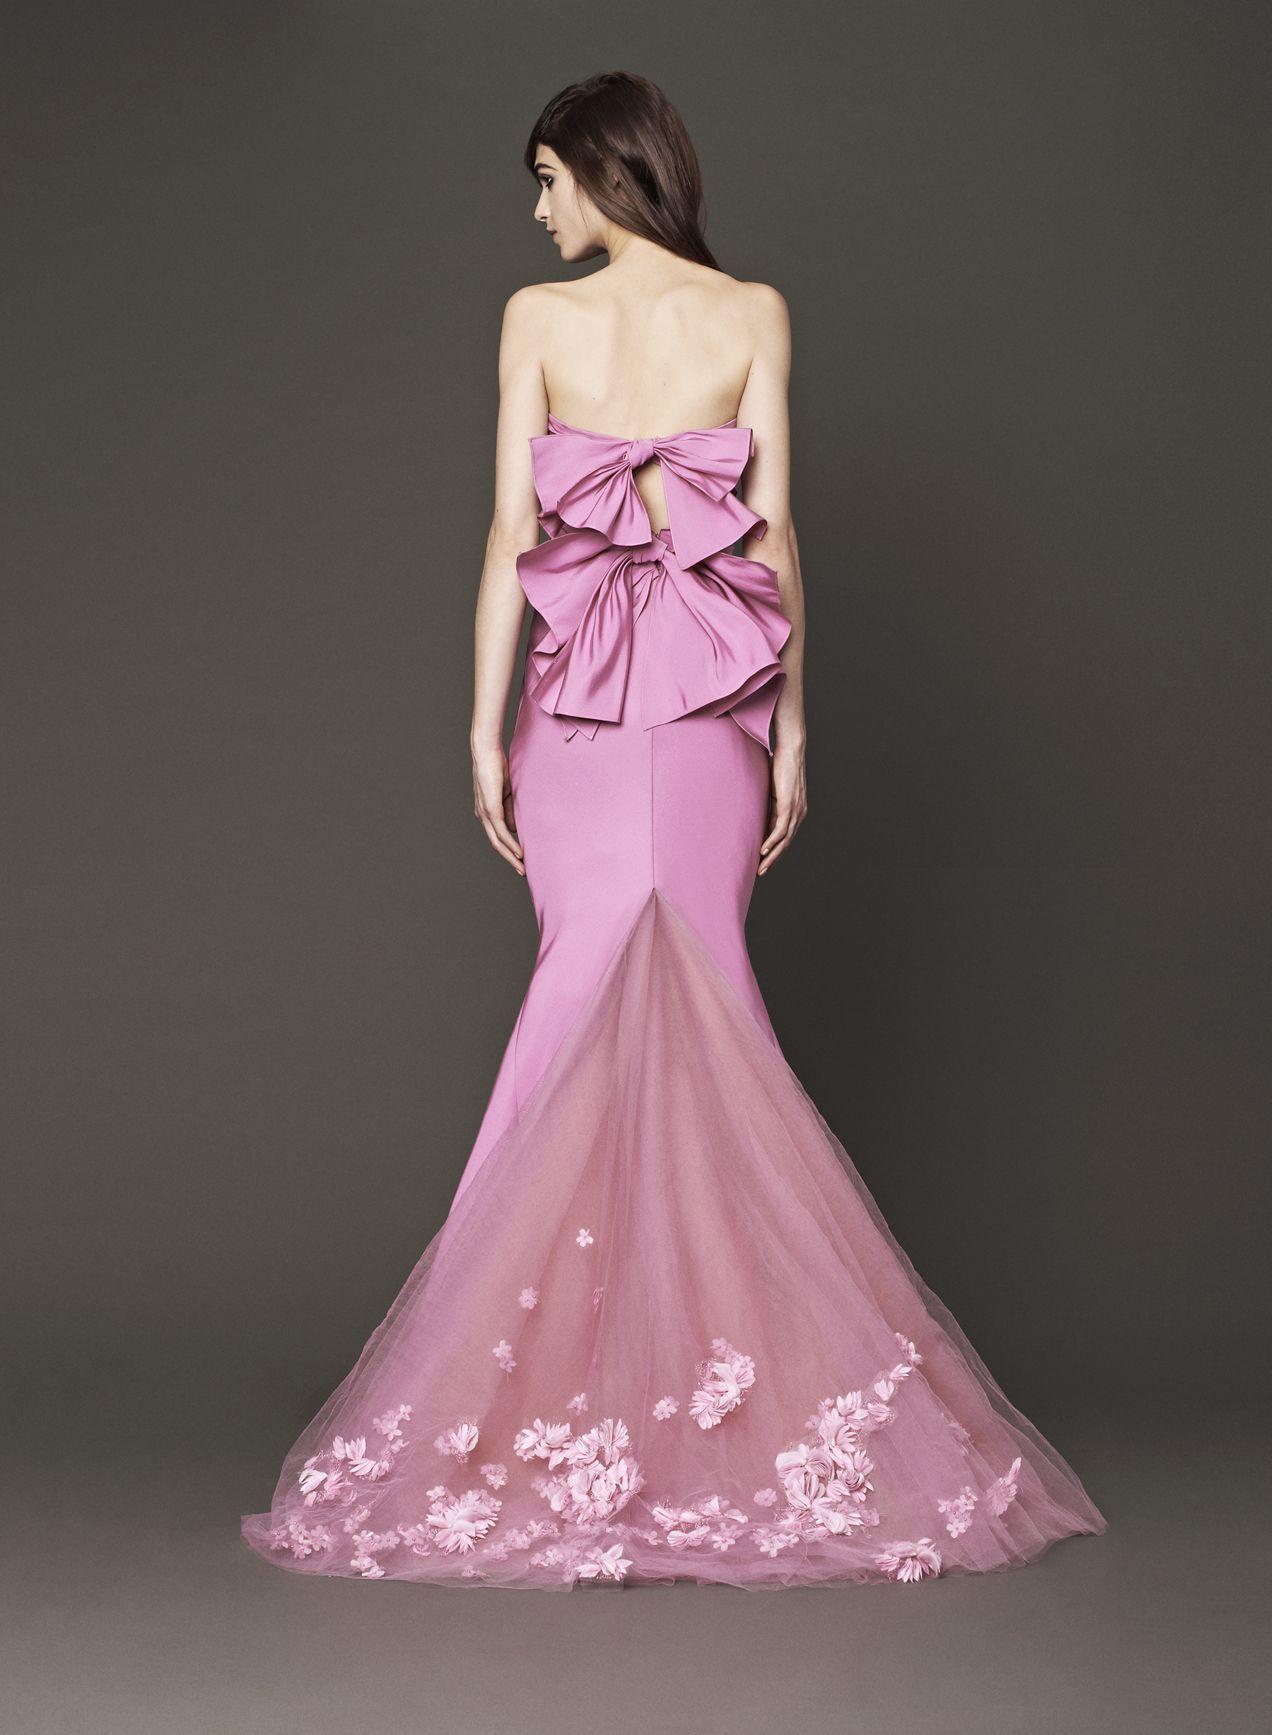 Excepcional Vestidos De Novia Reno Nv Inspiración - Colección de ...